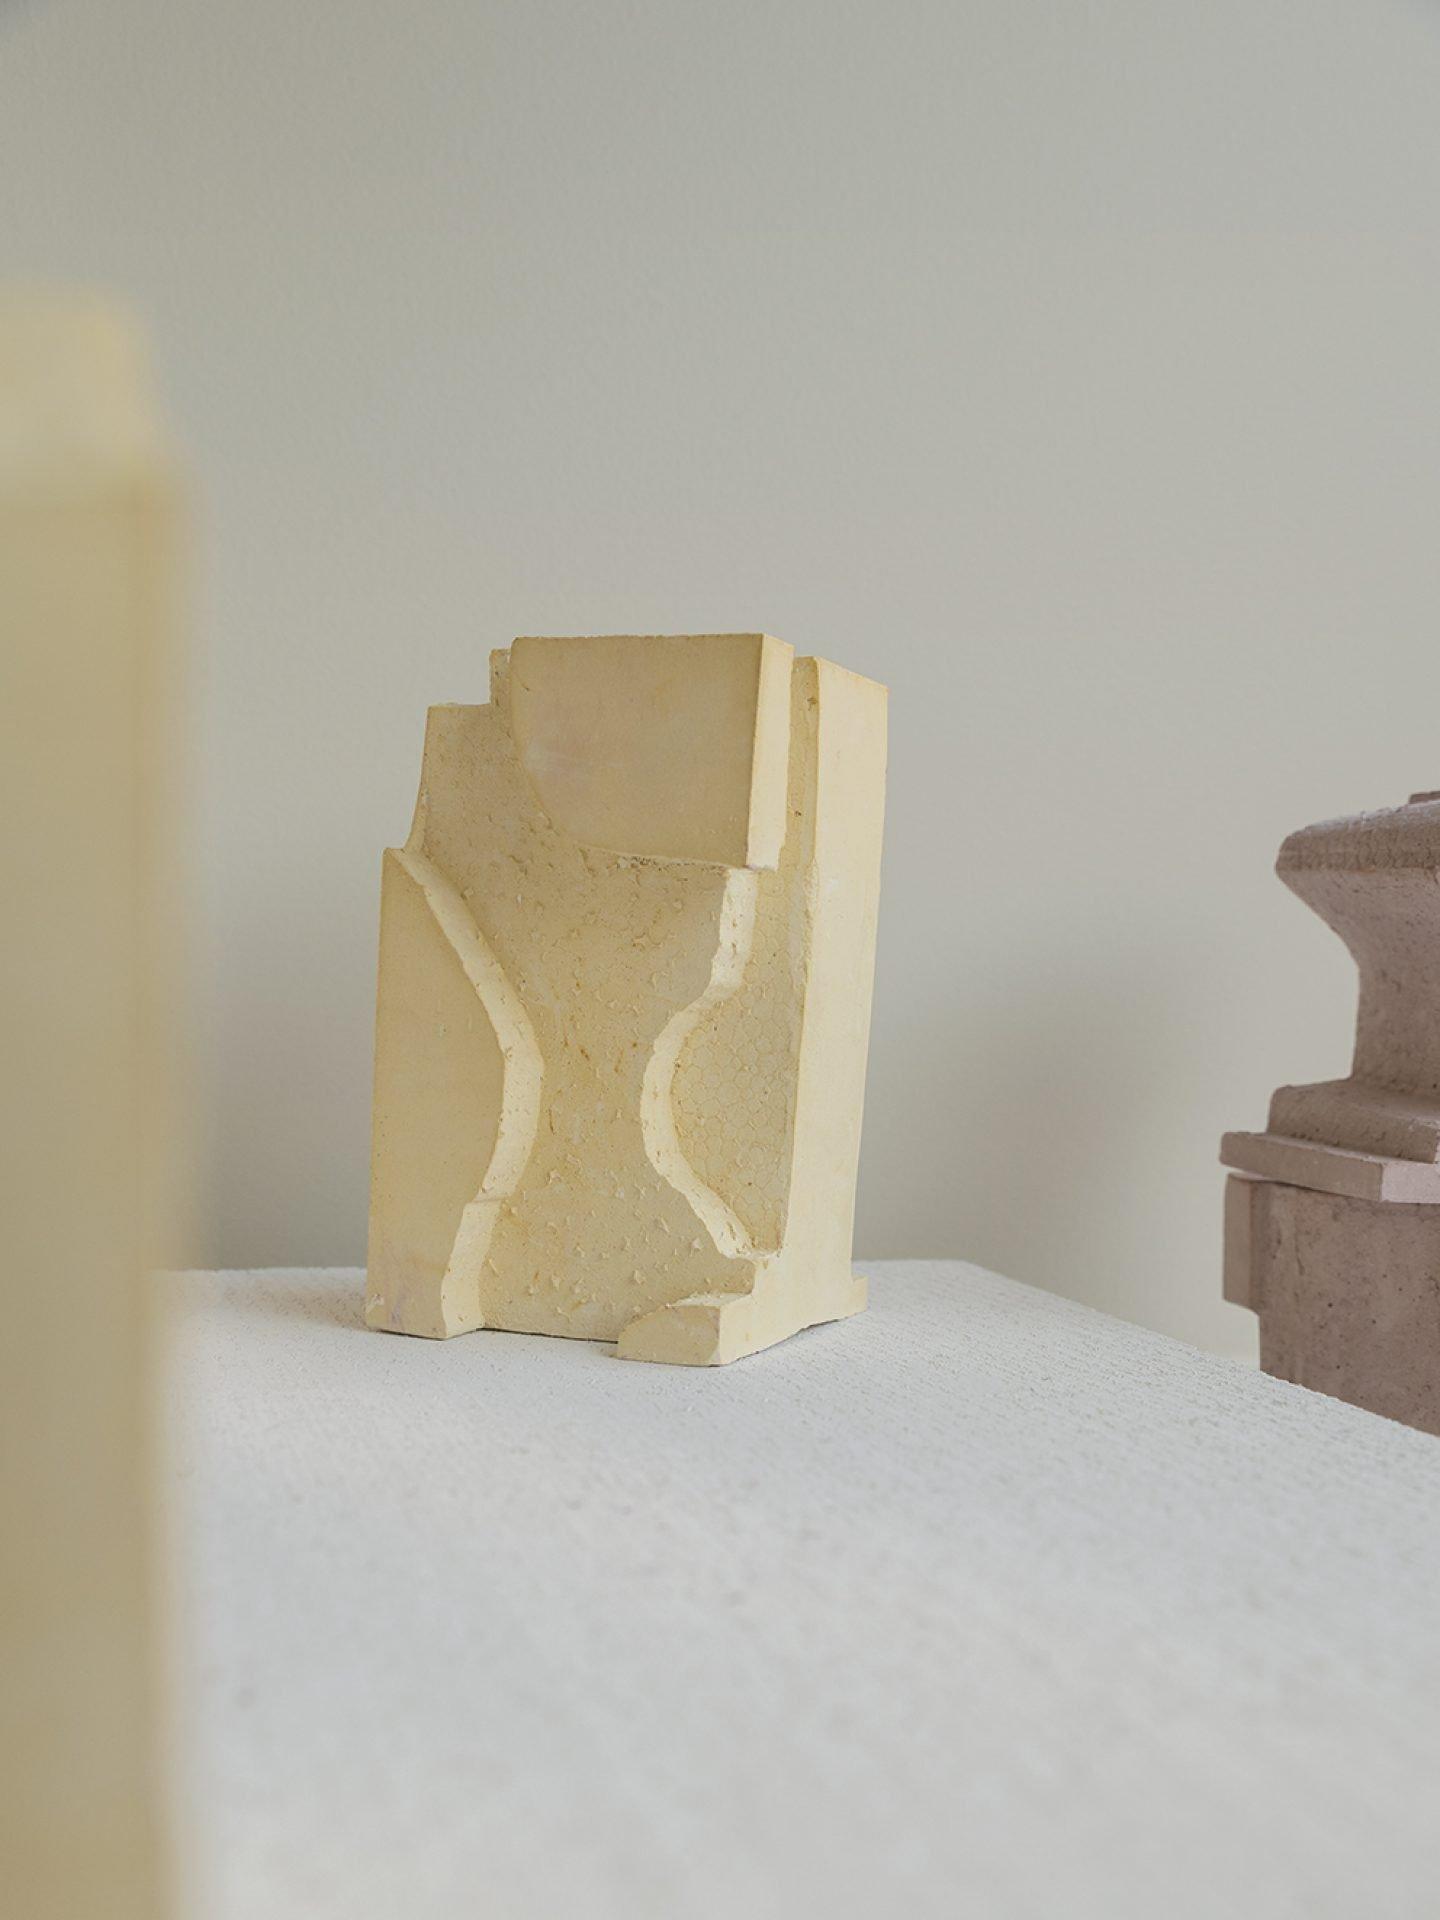 IGNANT-ART-Sculpture-Alium-04